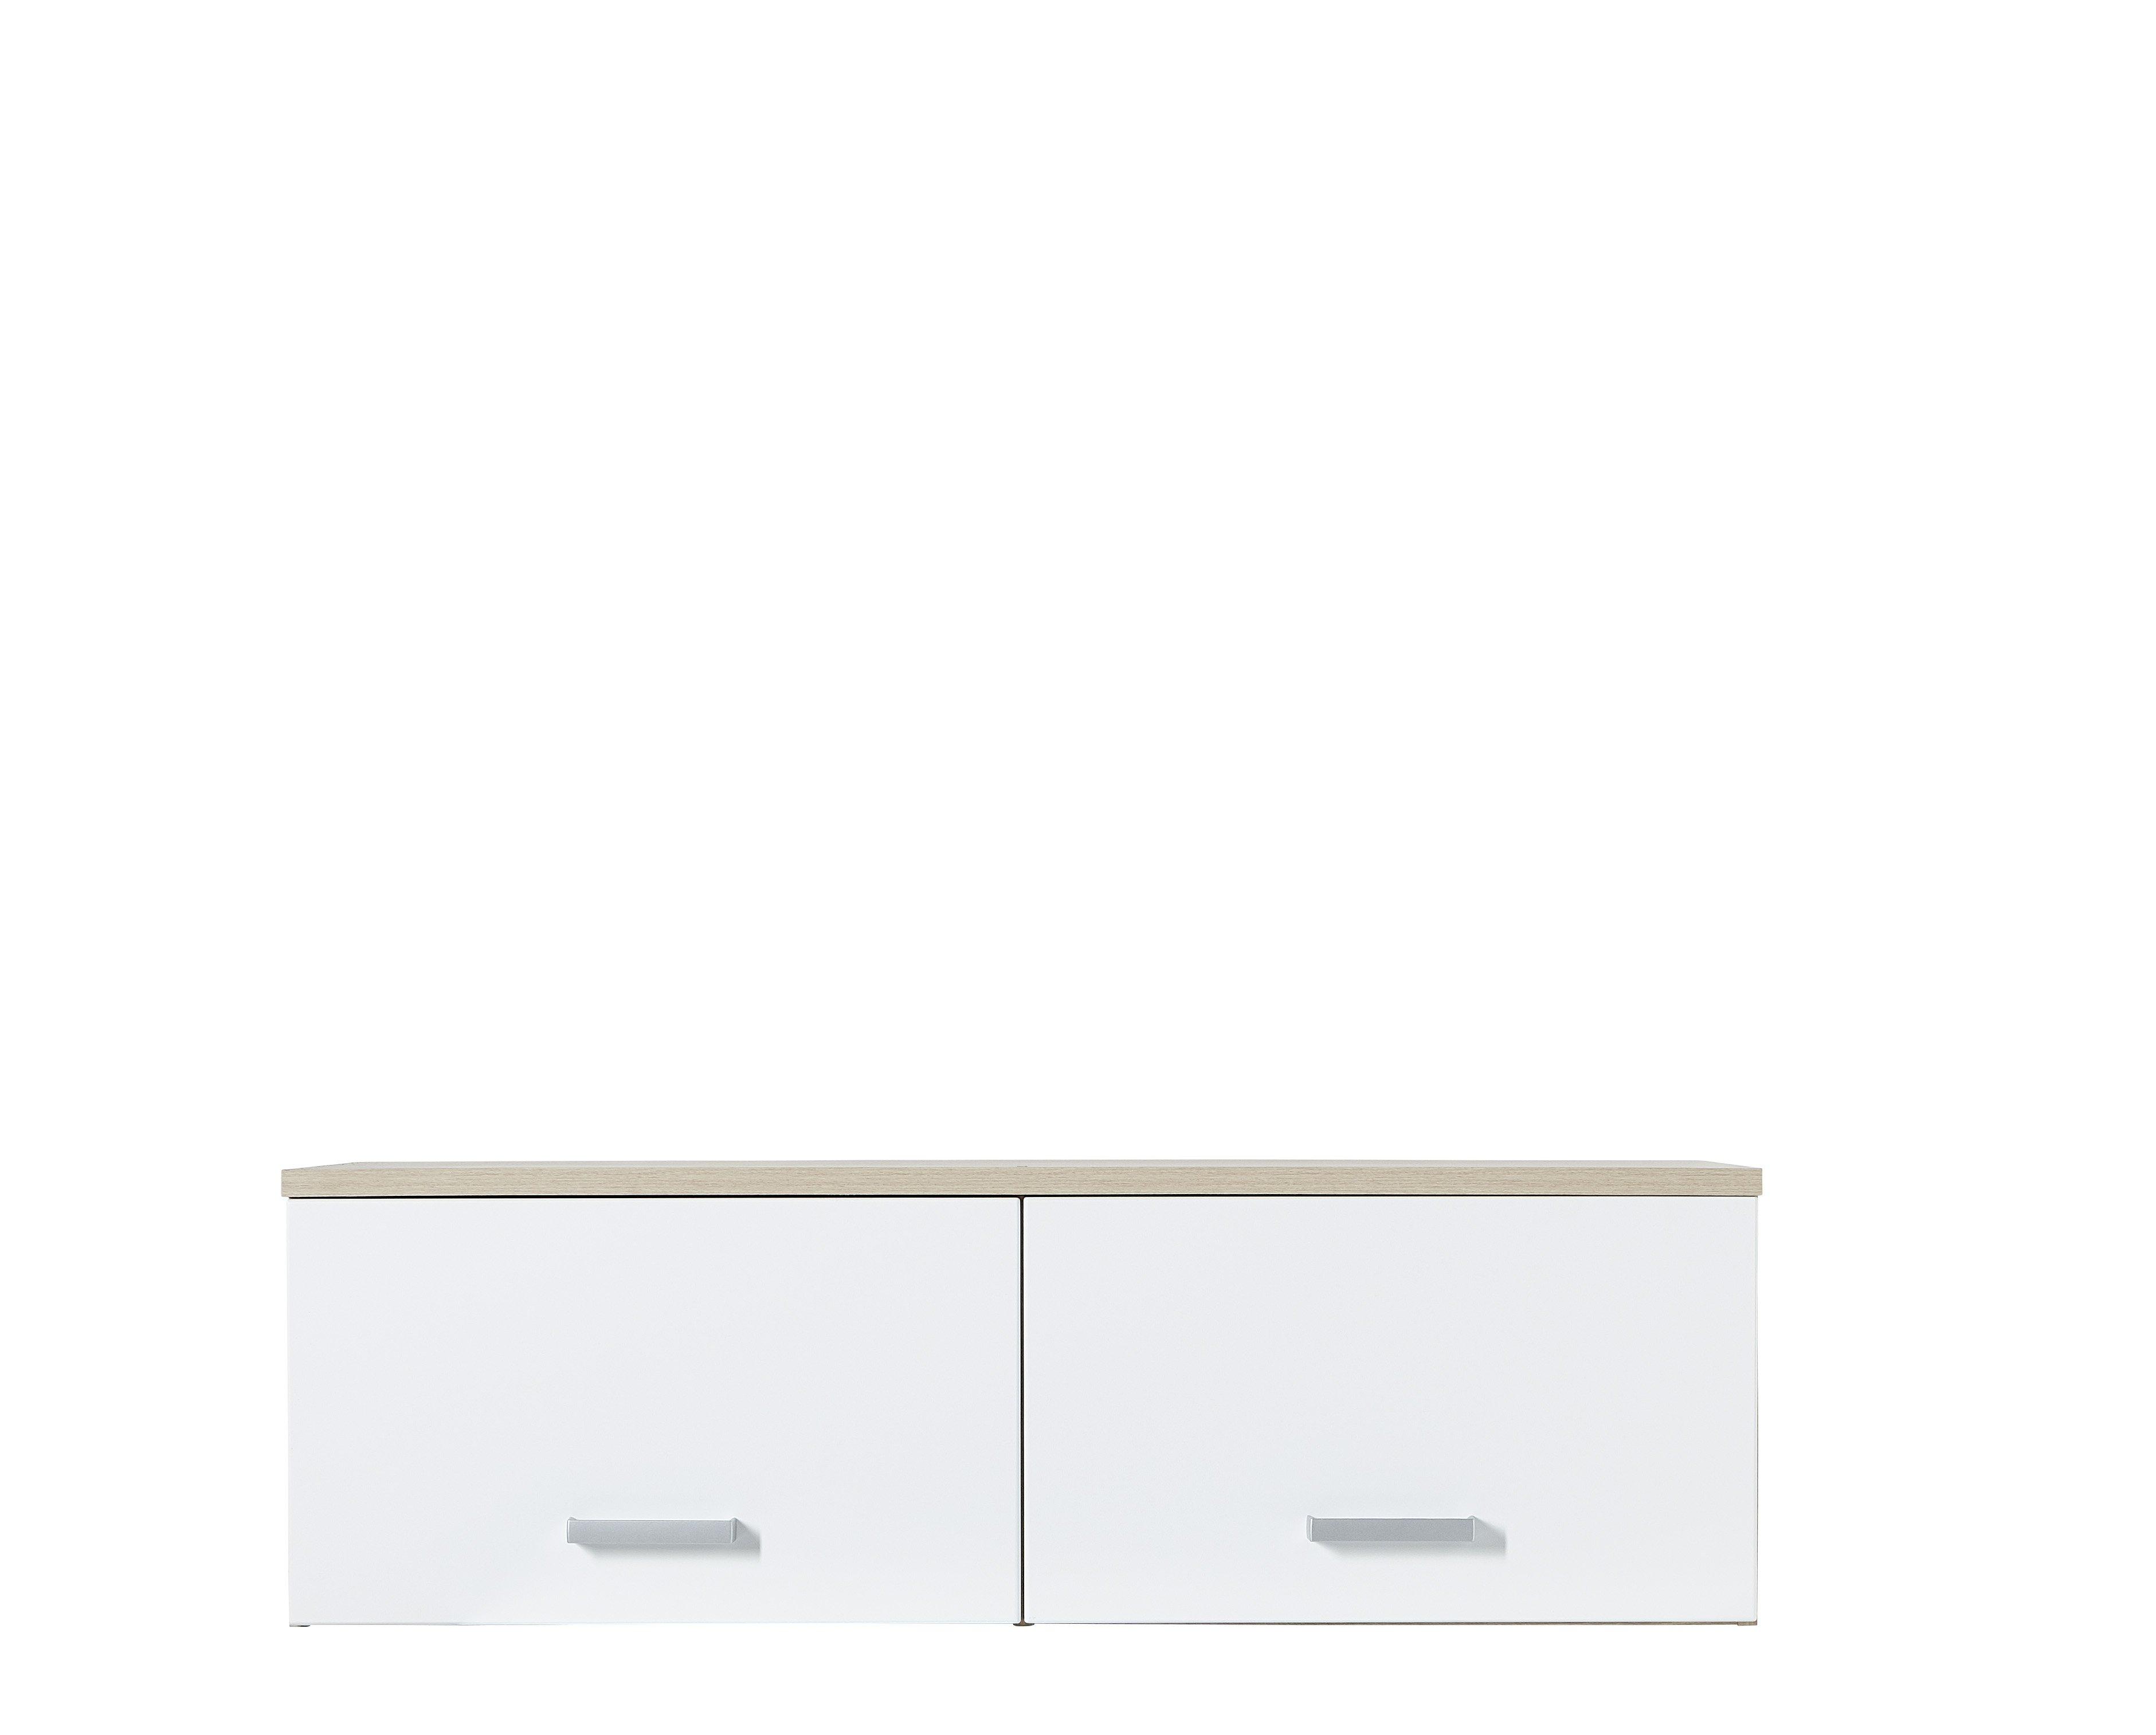 Hängeelement Arkona, weiß, braun, Eiche, Holz, Beschichtete Spanplatte